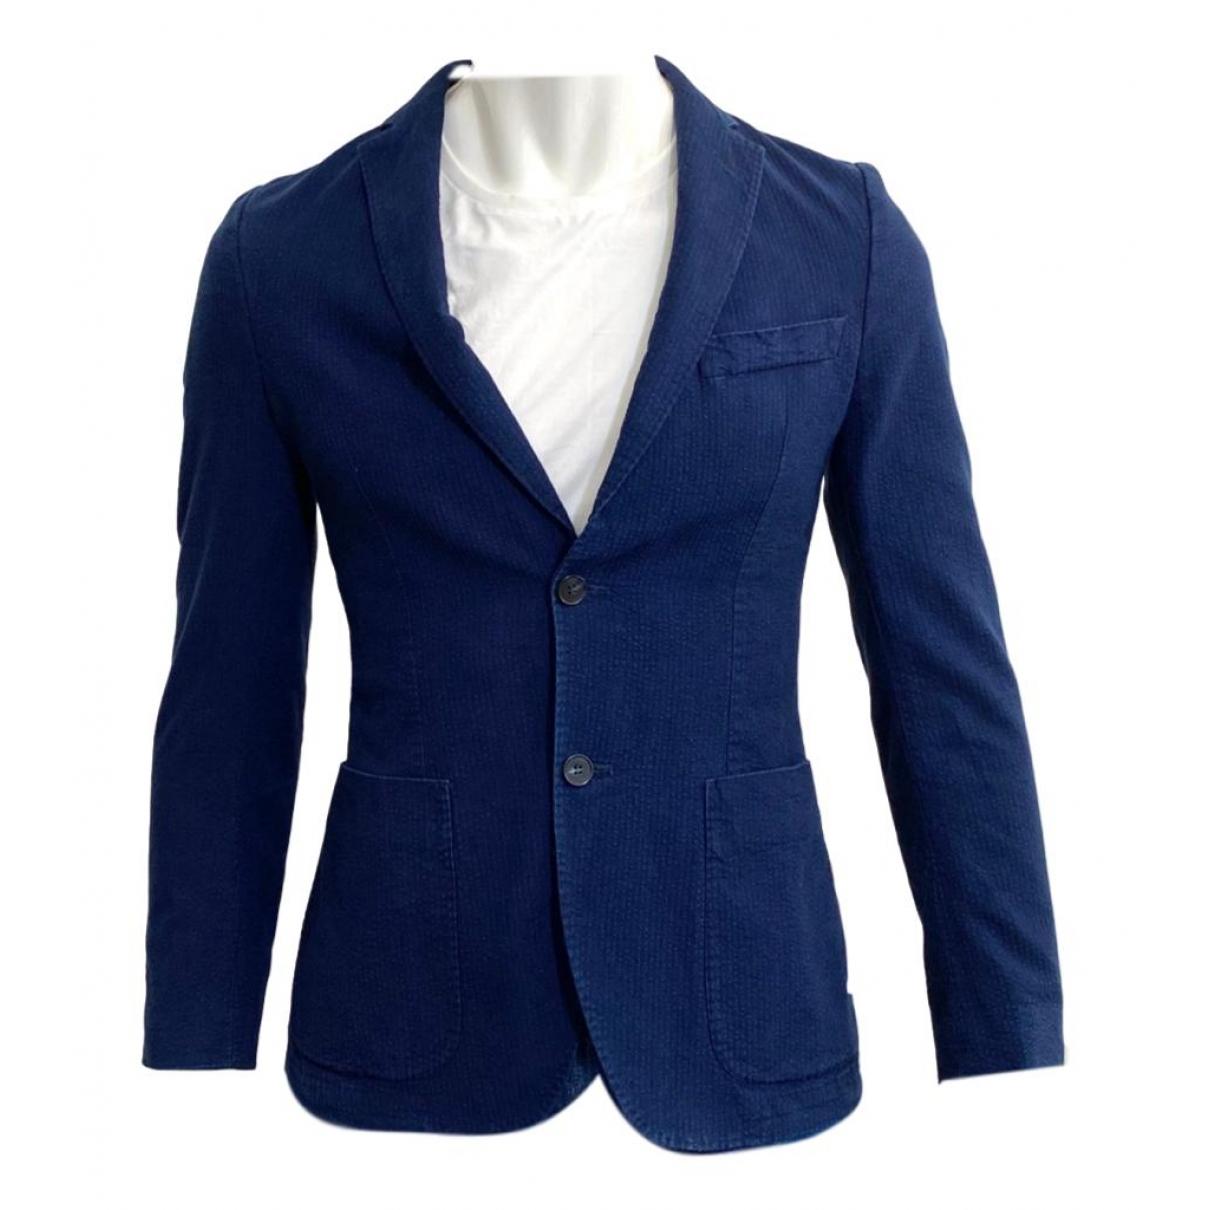 Officine Generale - Vestes.Blousons   pour homme en coton - bleu